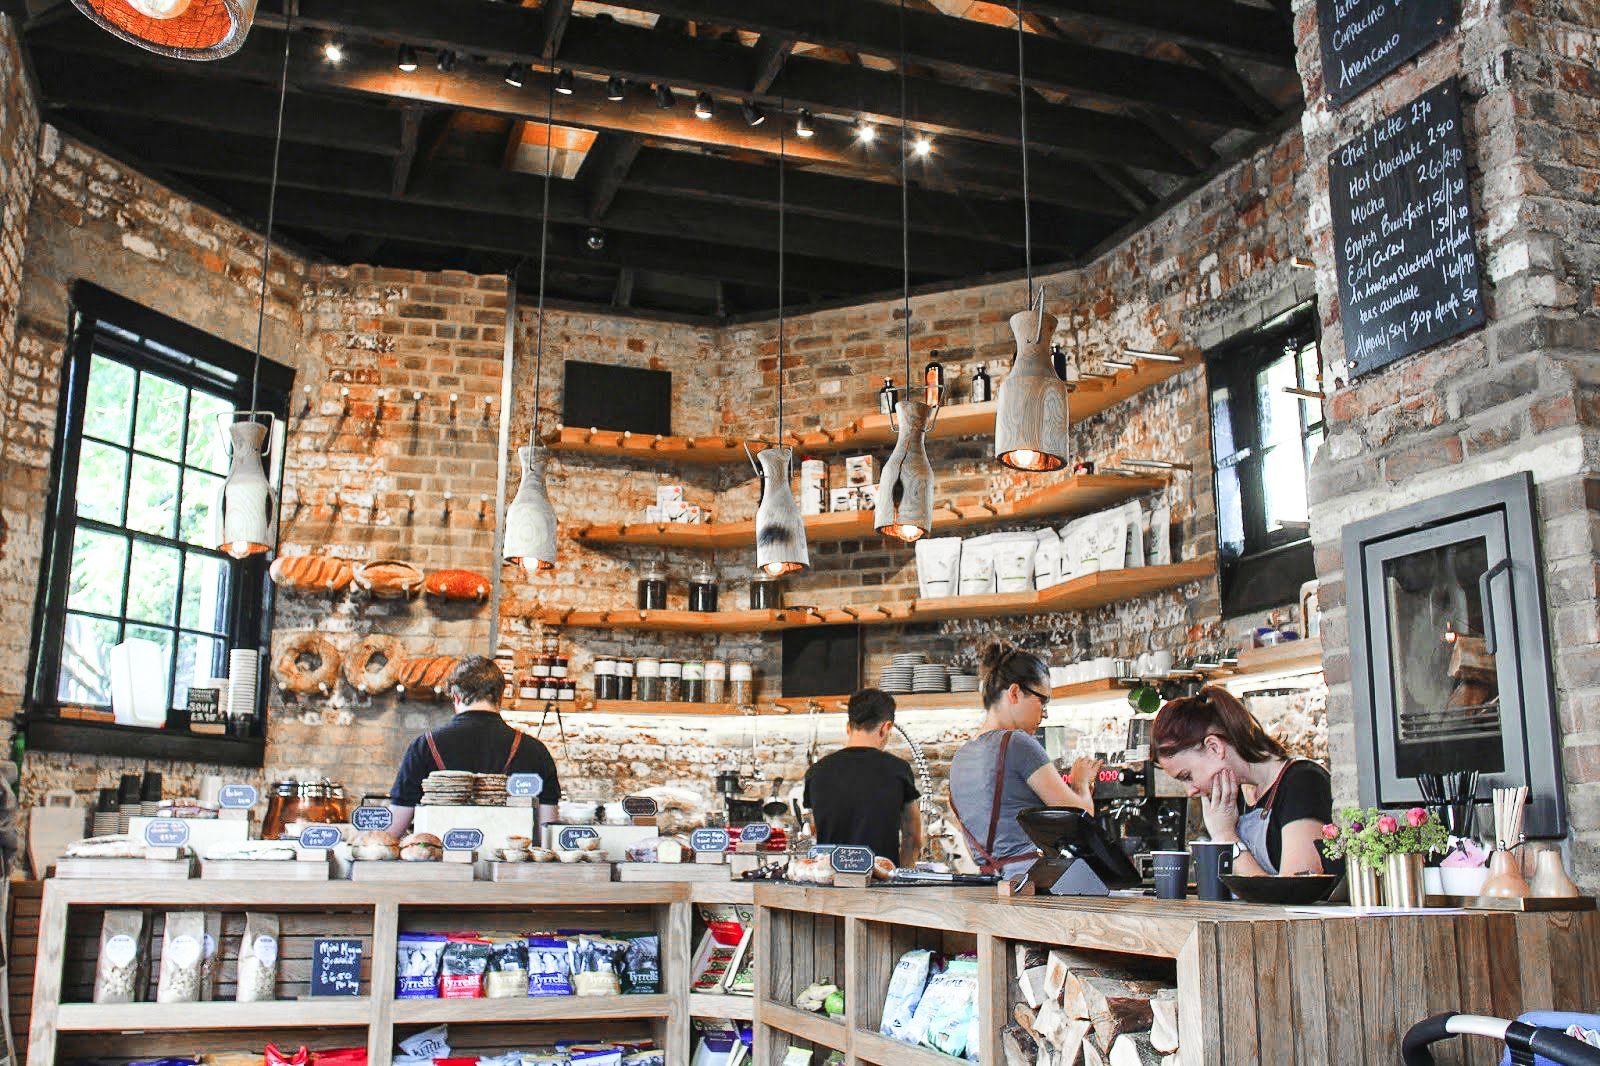 Bakery Cafe Garden City